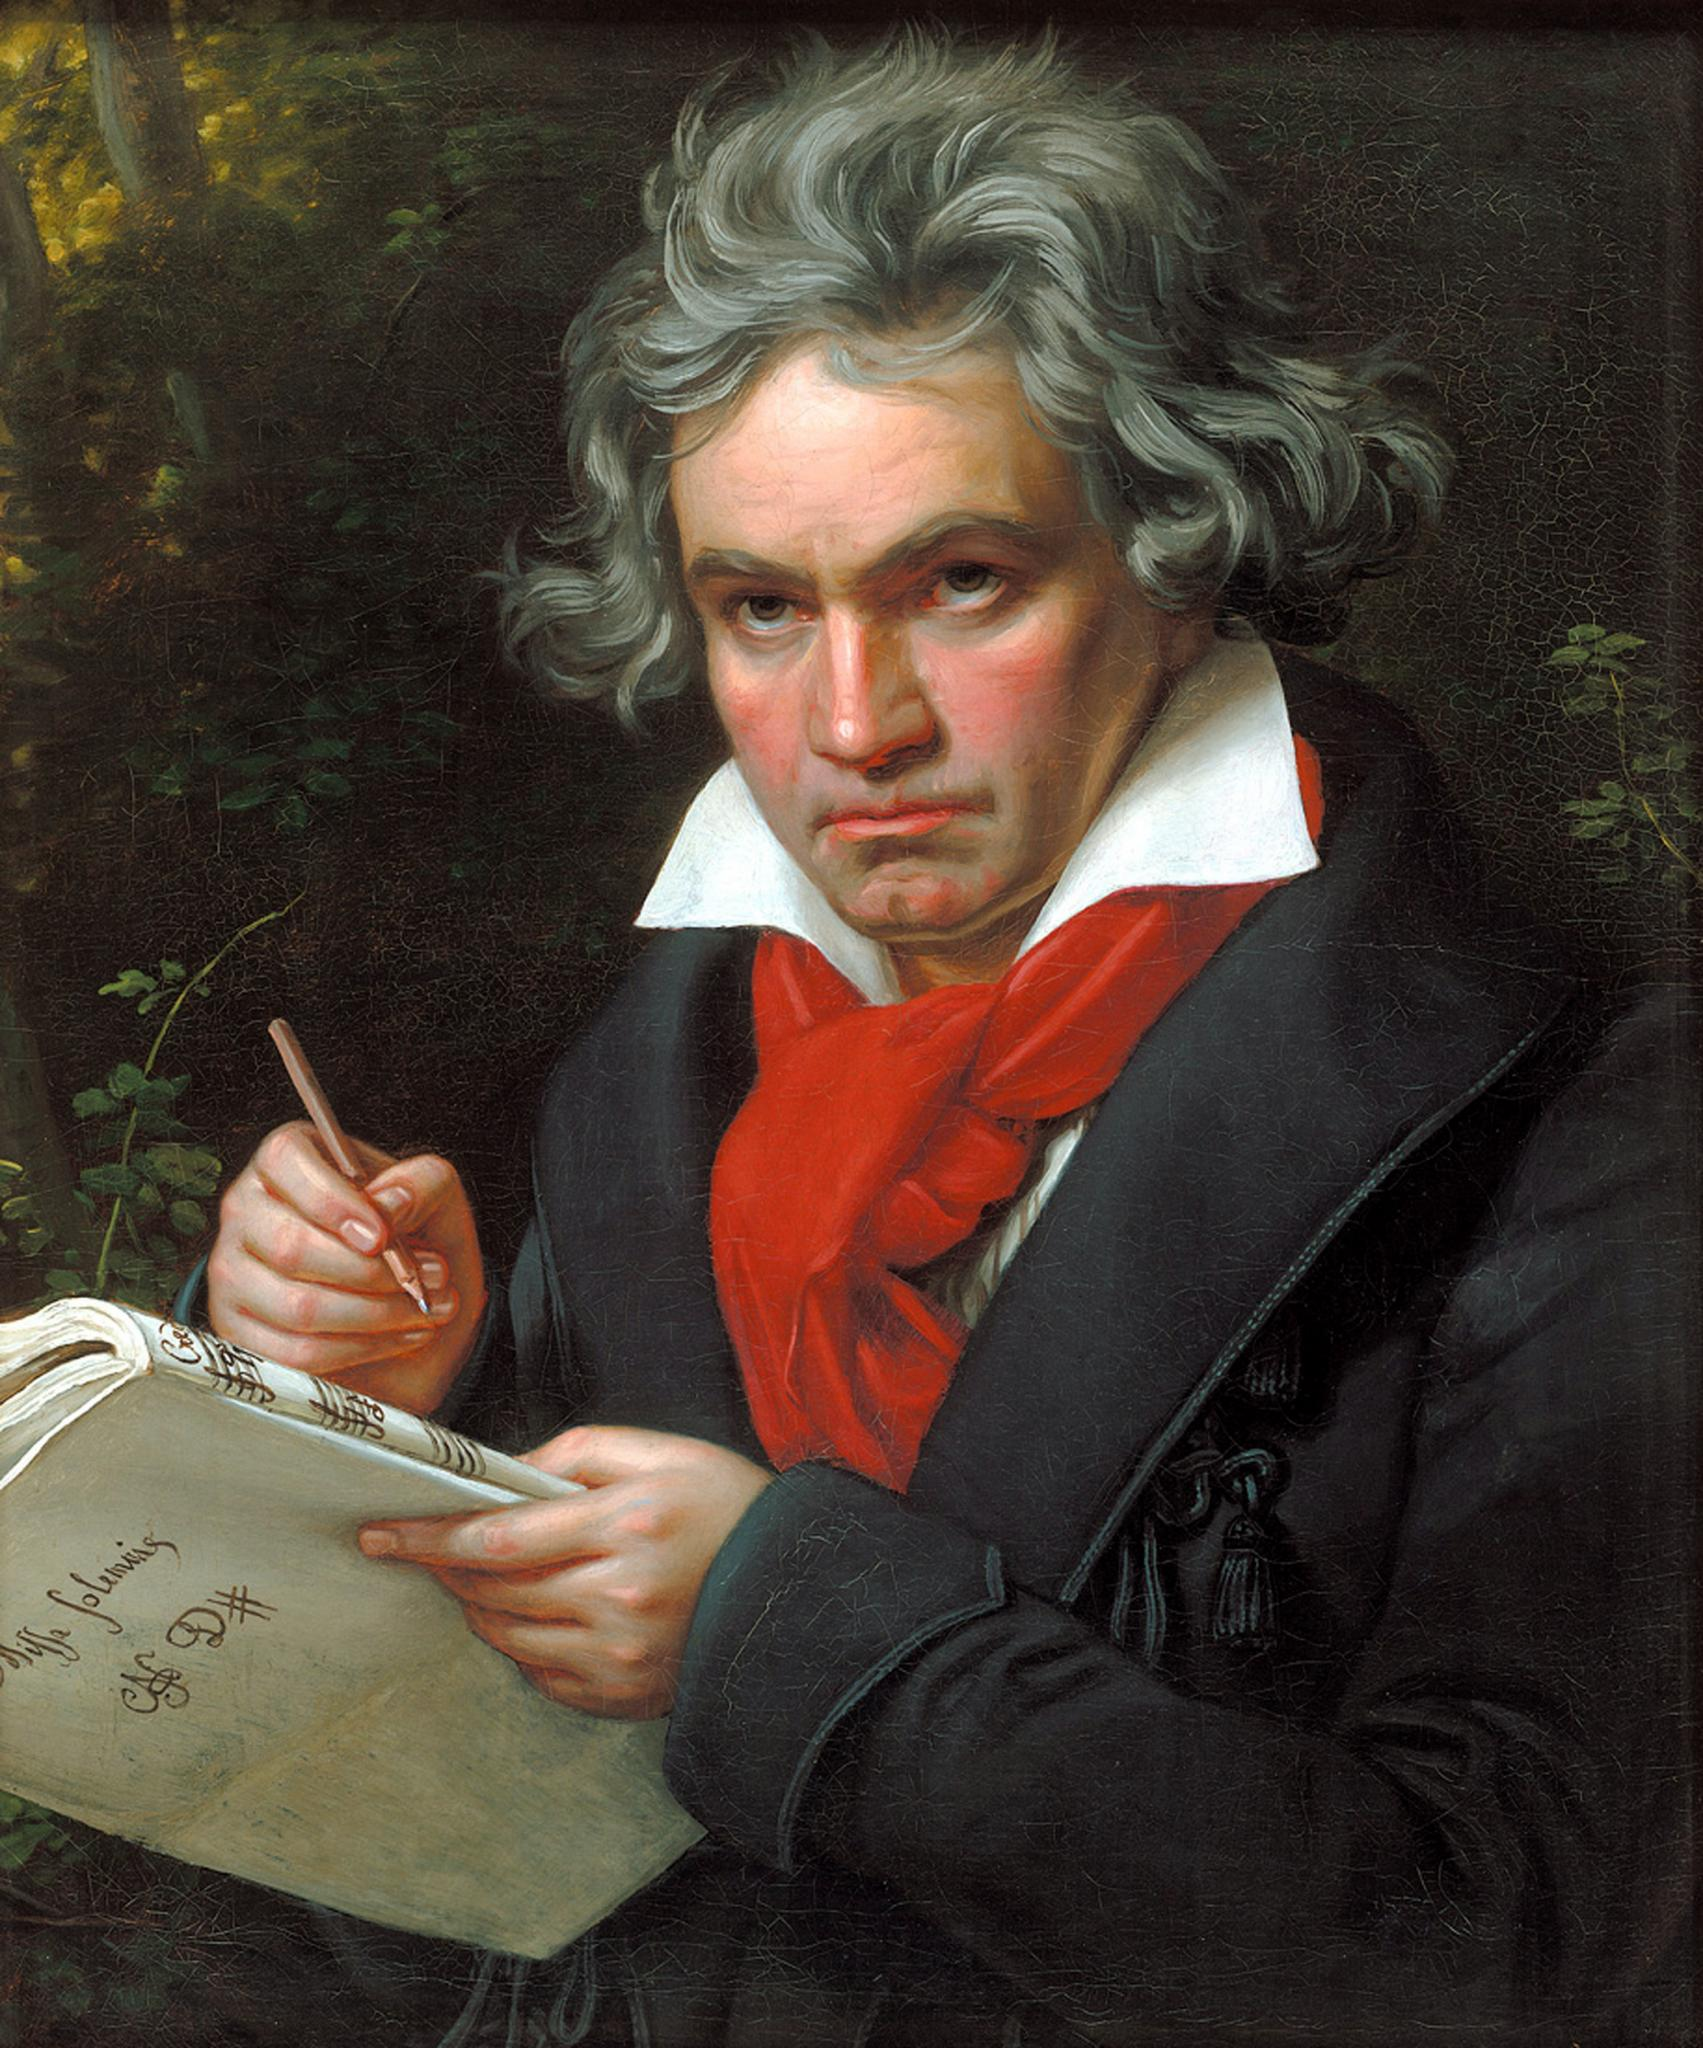 fsdfsdfsdfsdf Klavierkonzert Nr. 1, C-Dur, op. 15 Erste Seite